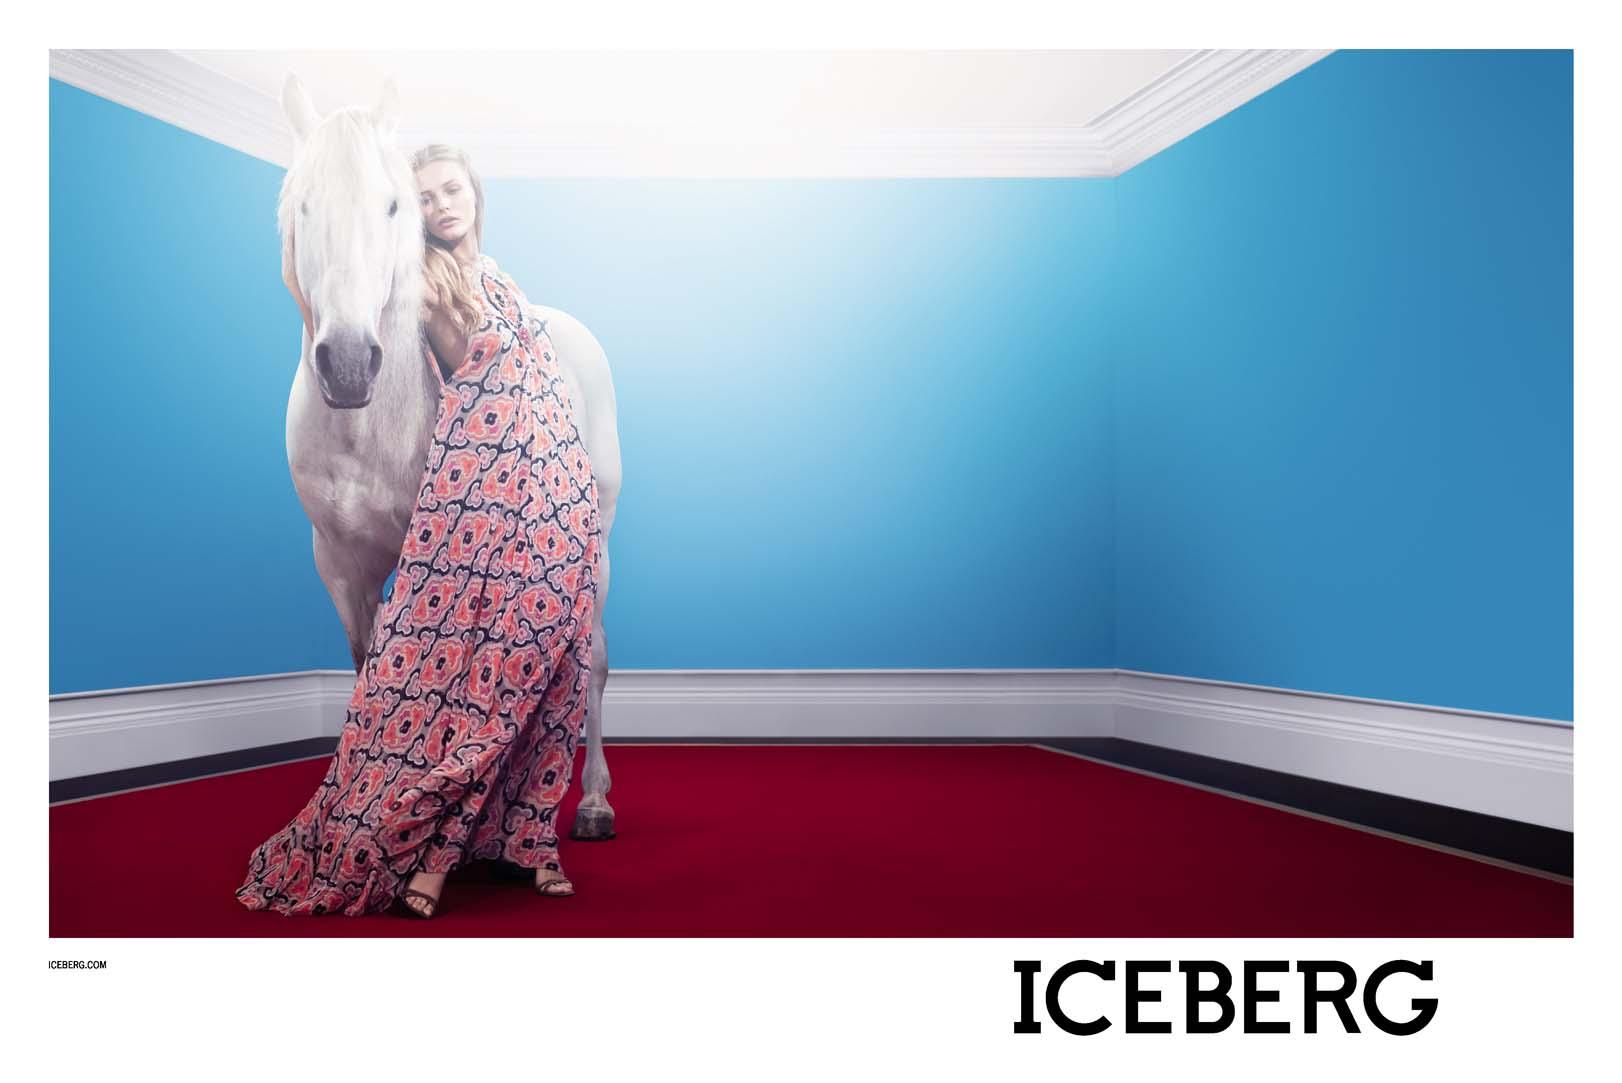 IcebergSpring2